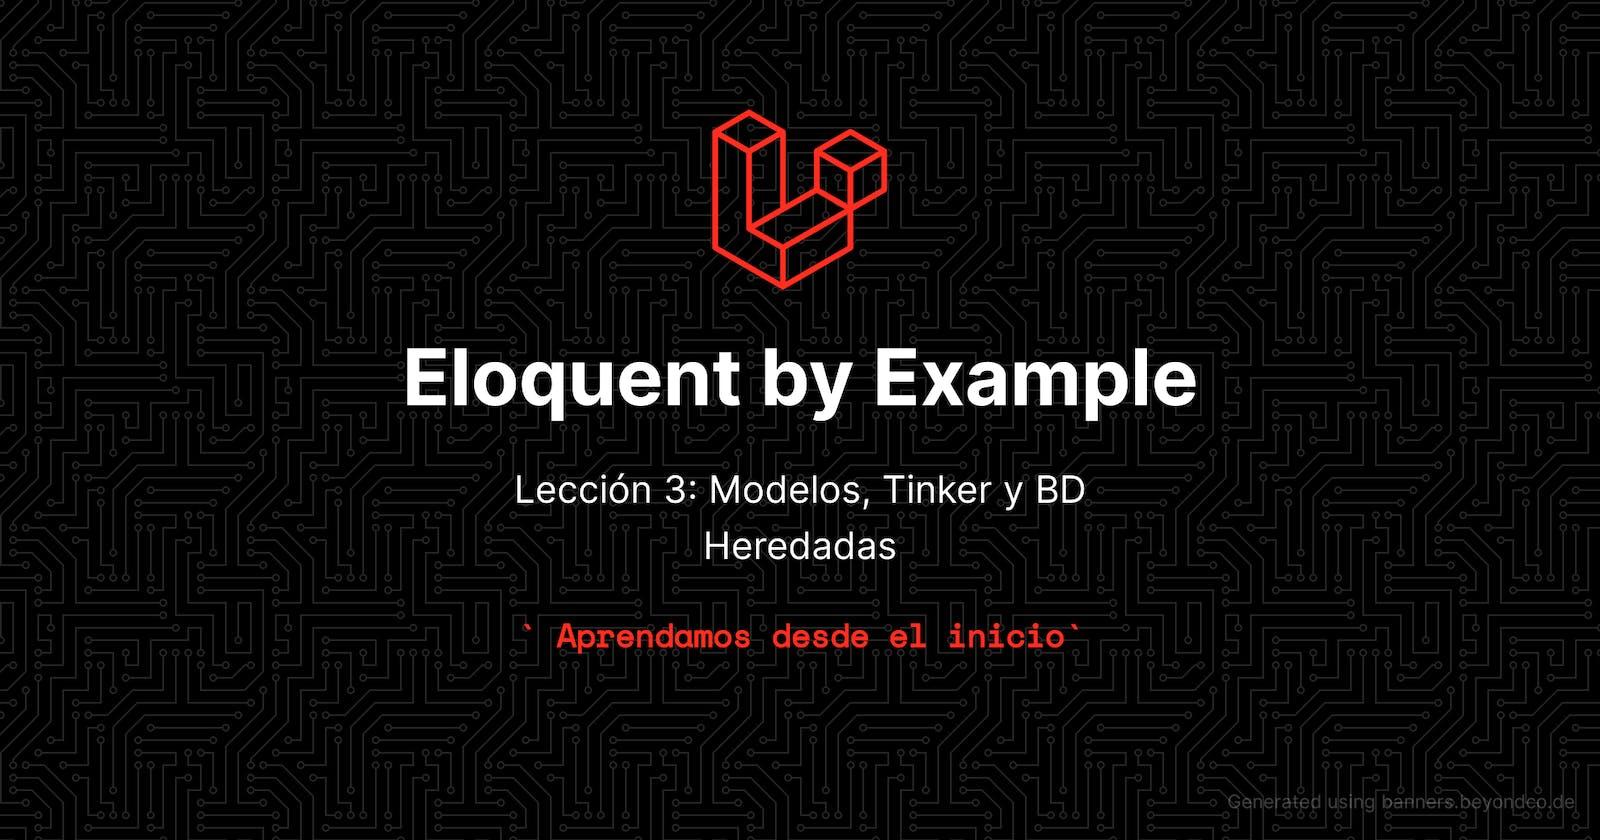 Aprende eloquent con ejemplos - Lección 3 : Modelos, Tinker y Base de datos heredadas